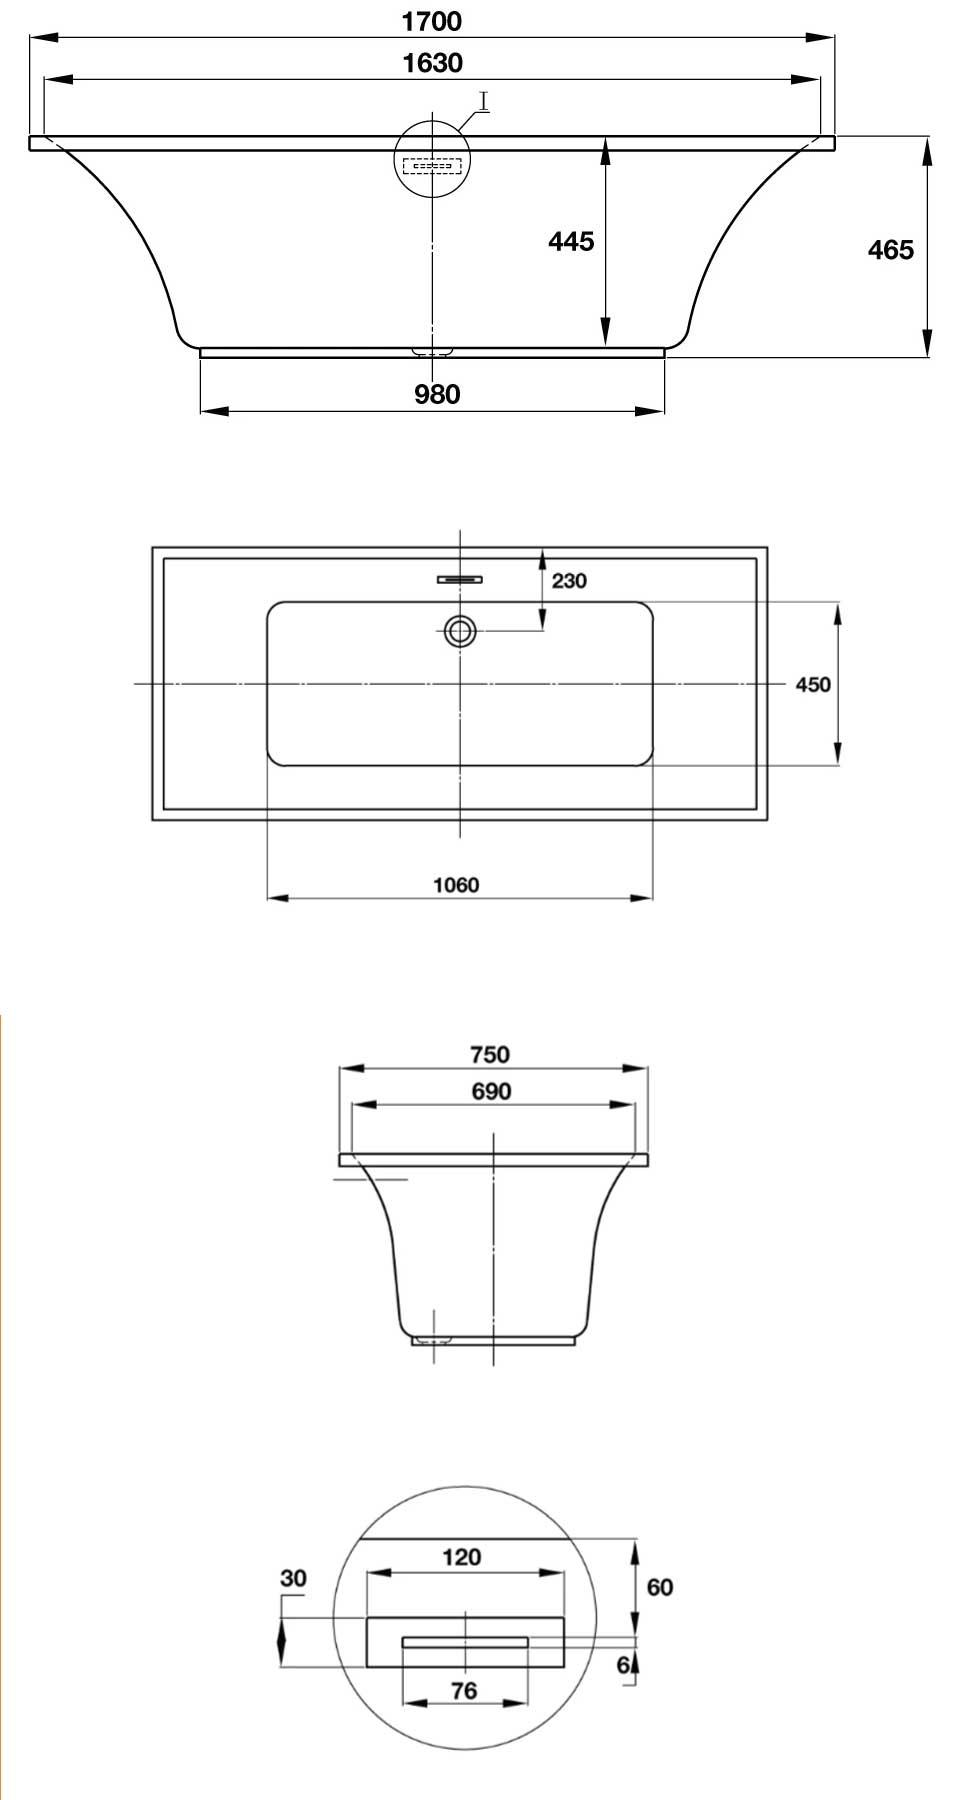 bản vẽ kỹ thuật bồn tắm hafele 588.55.681